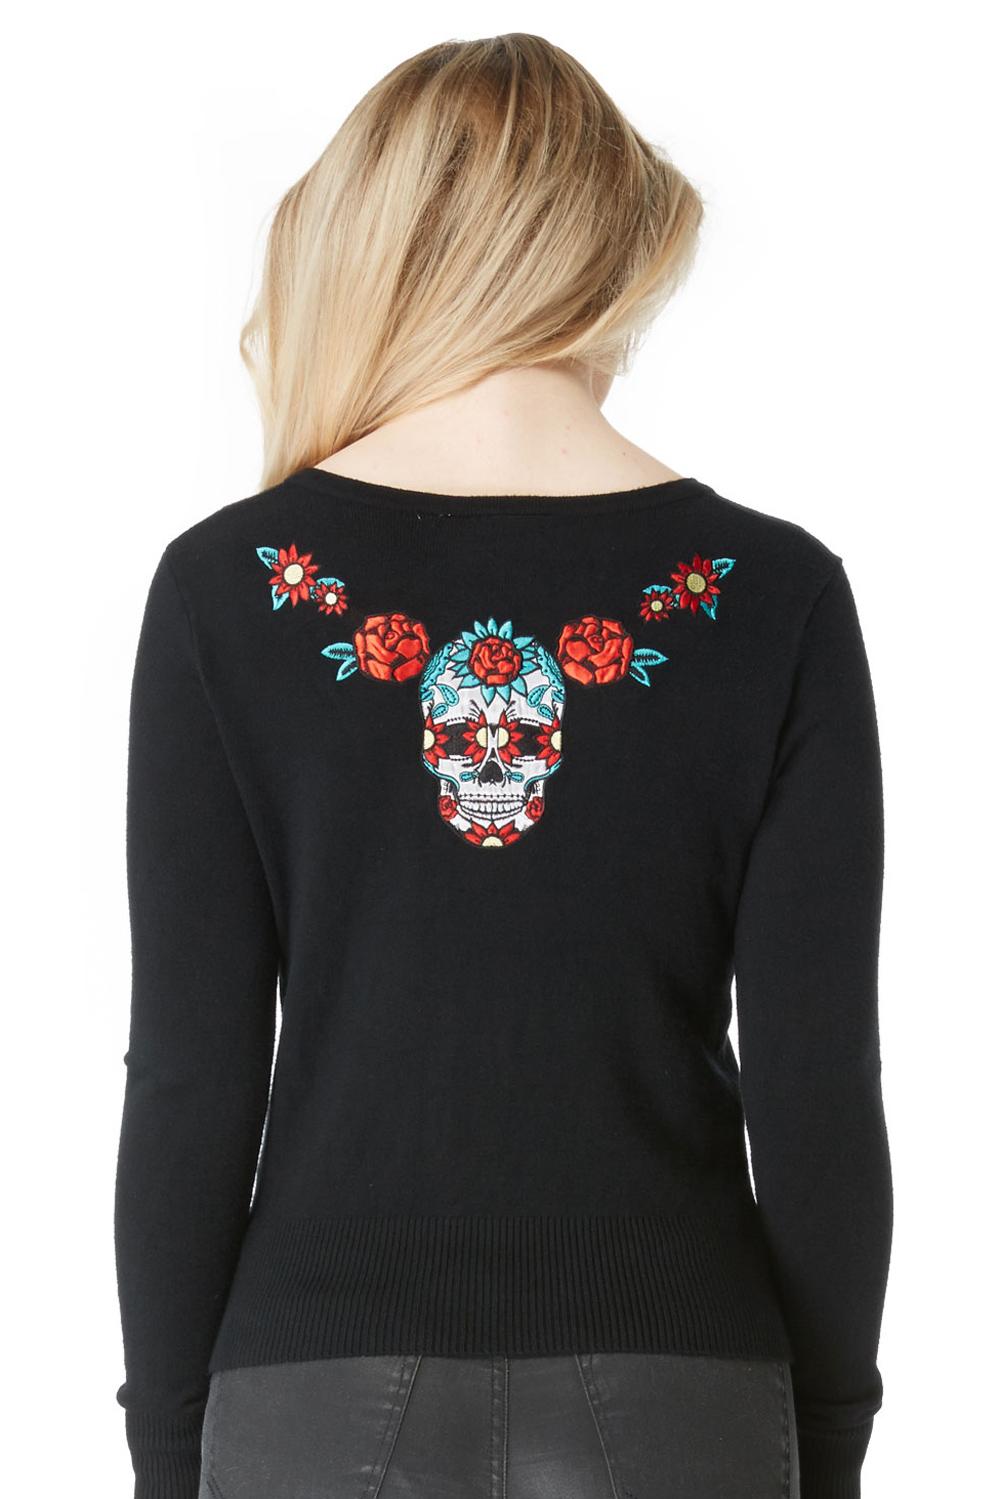 Mexican Skull & Florals Cardigan